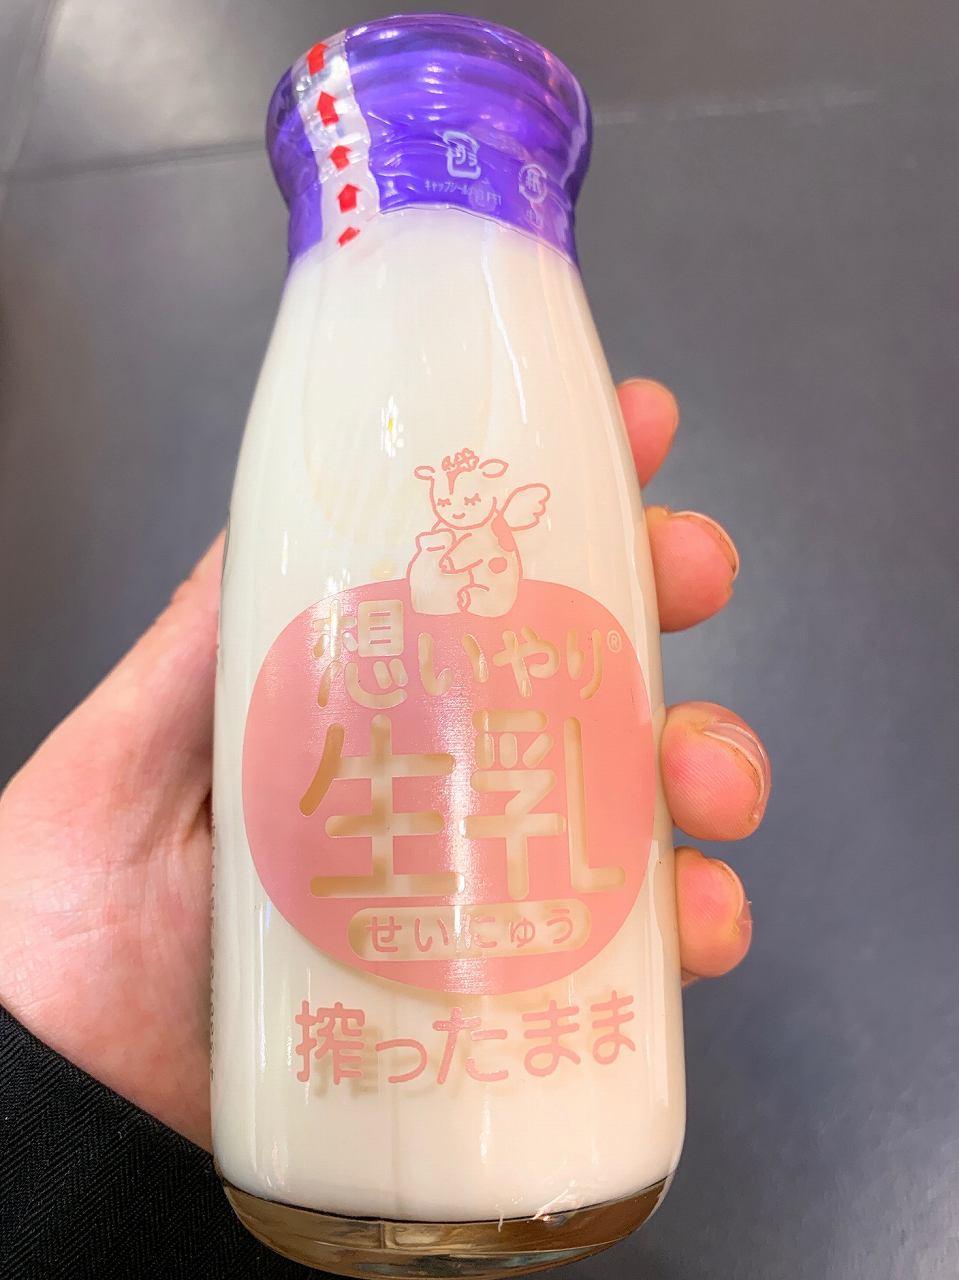 日本で唯一の生乳「想いやり生乳」